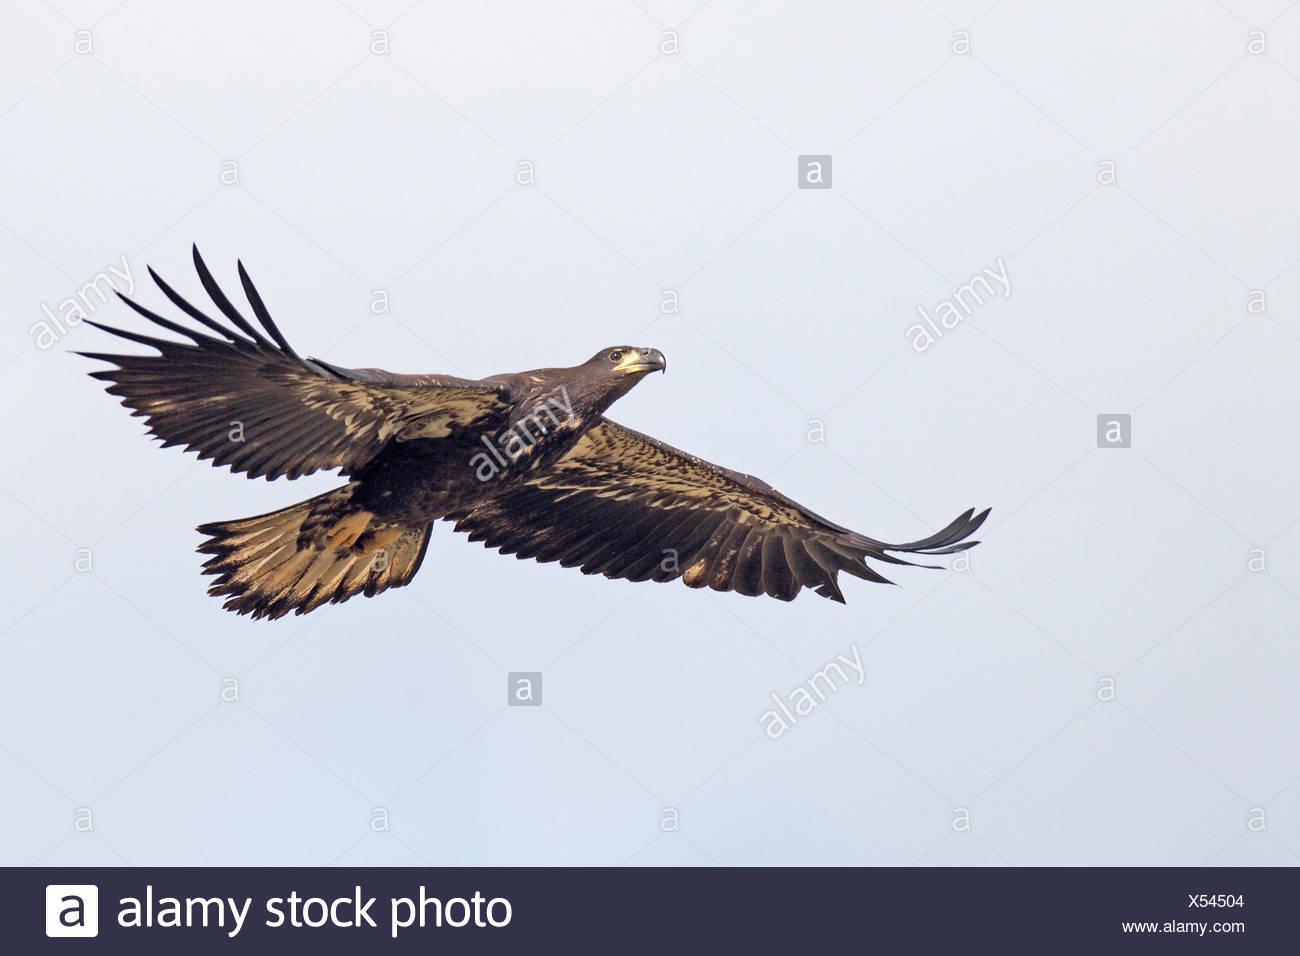 Nett Amerikanische Adler Färbung Seite Ideen - Malvorlagen Von ...